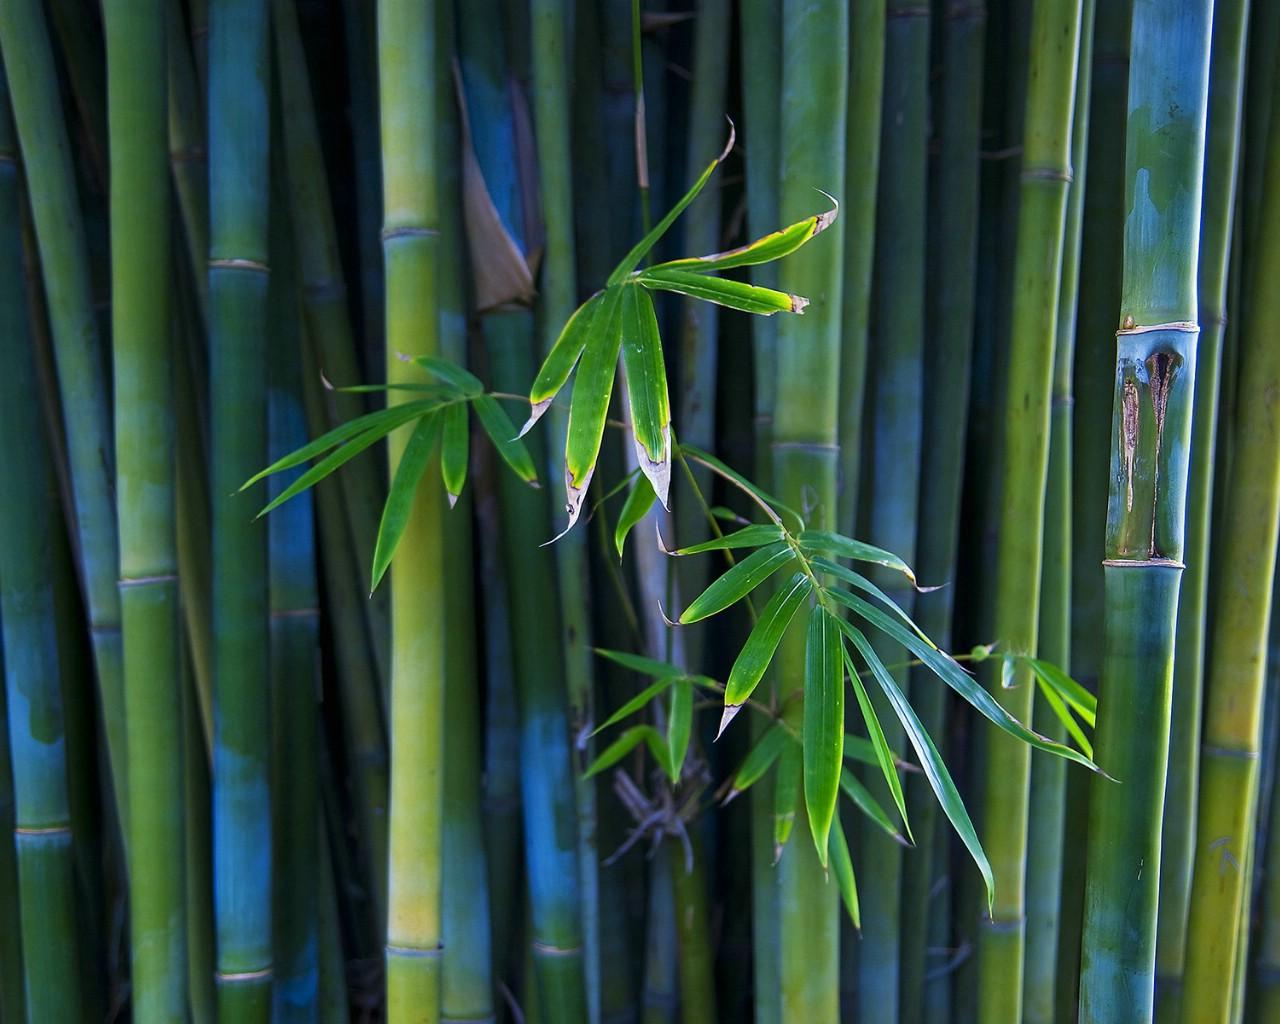 桌面竹子風景壁紙